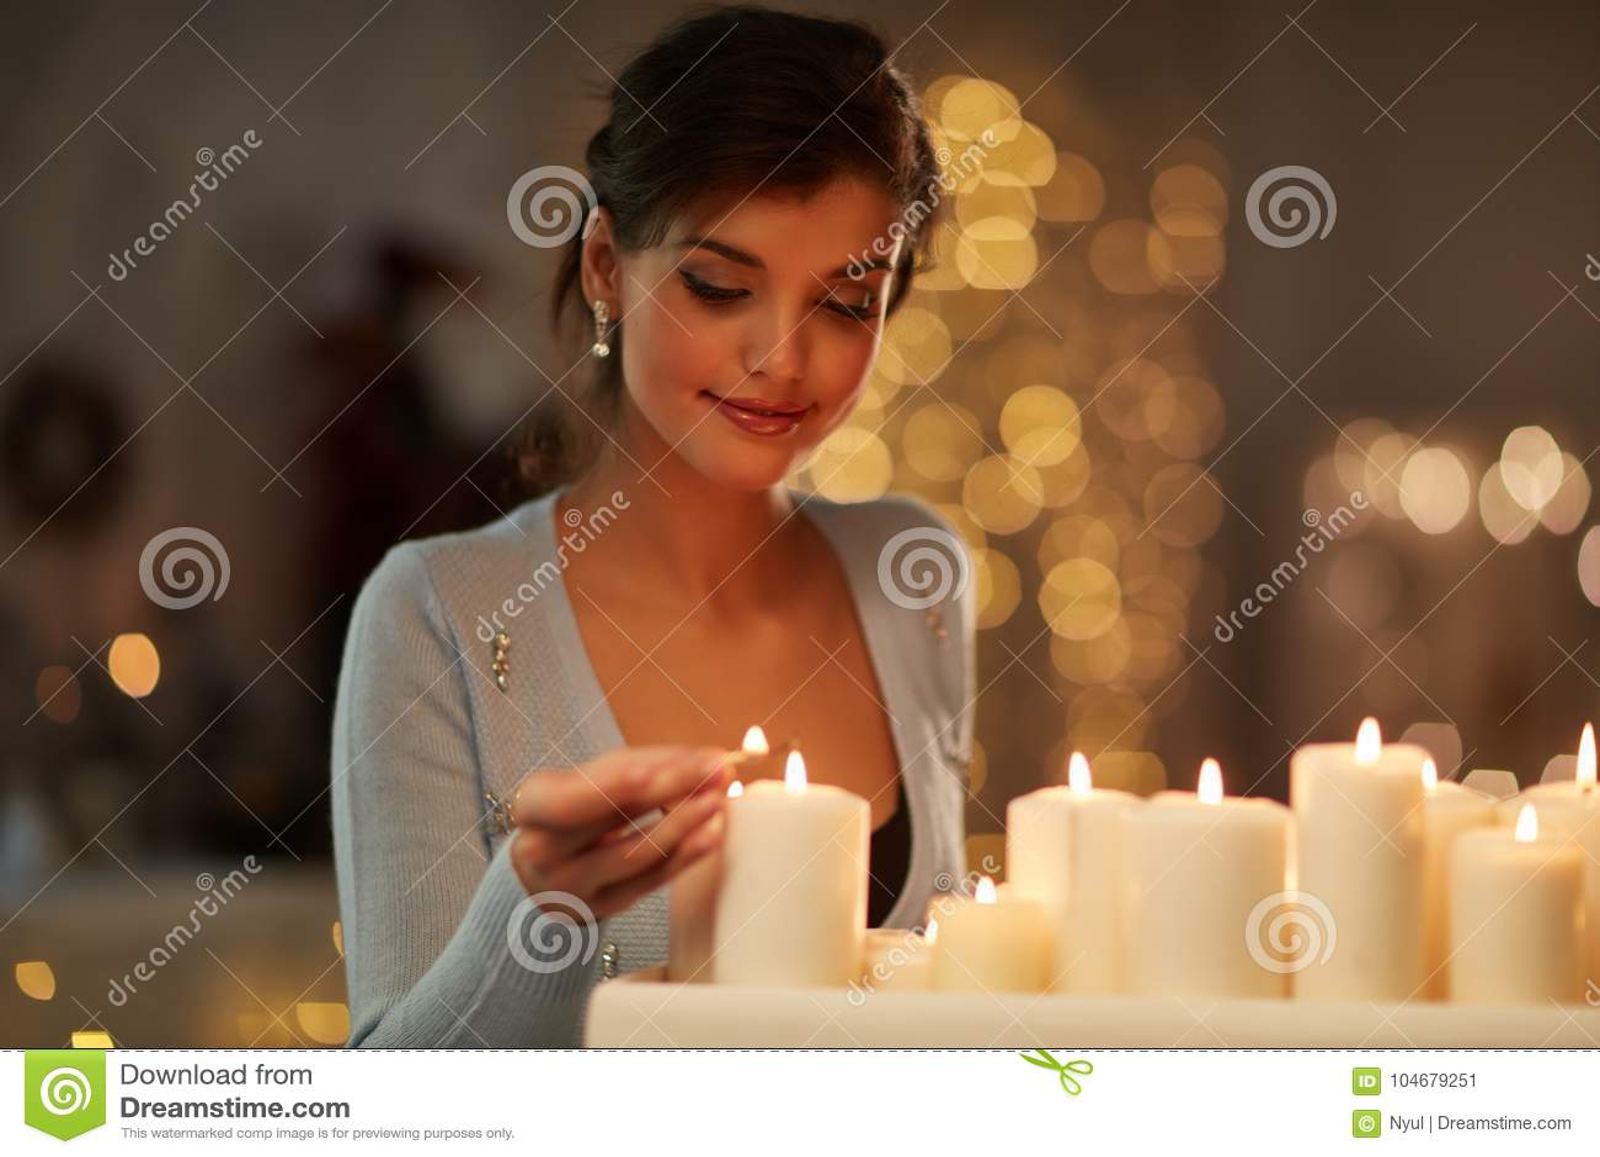 Kobieta z świeczkami, graba, bożonarodzeniowe światła